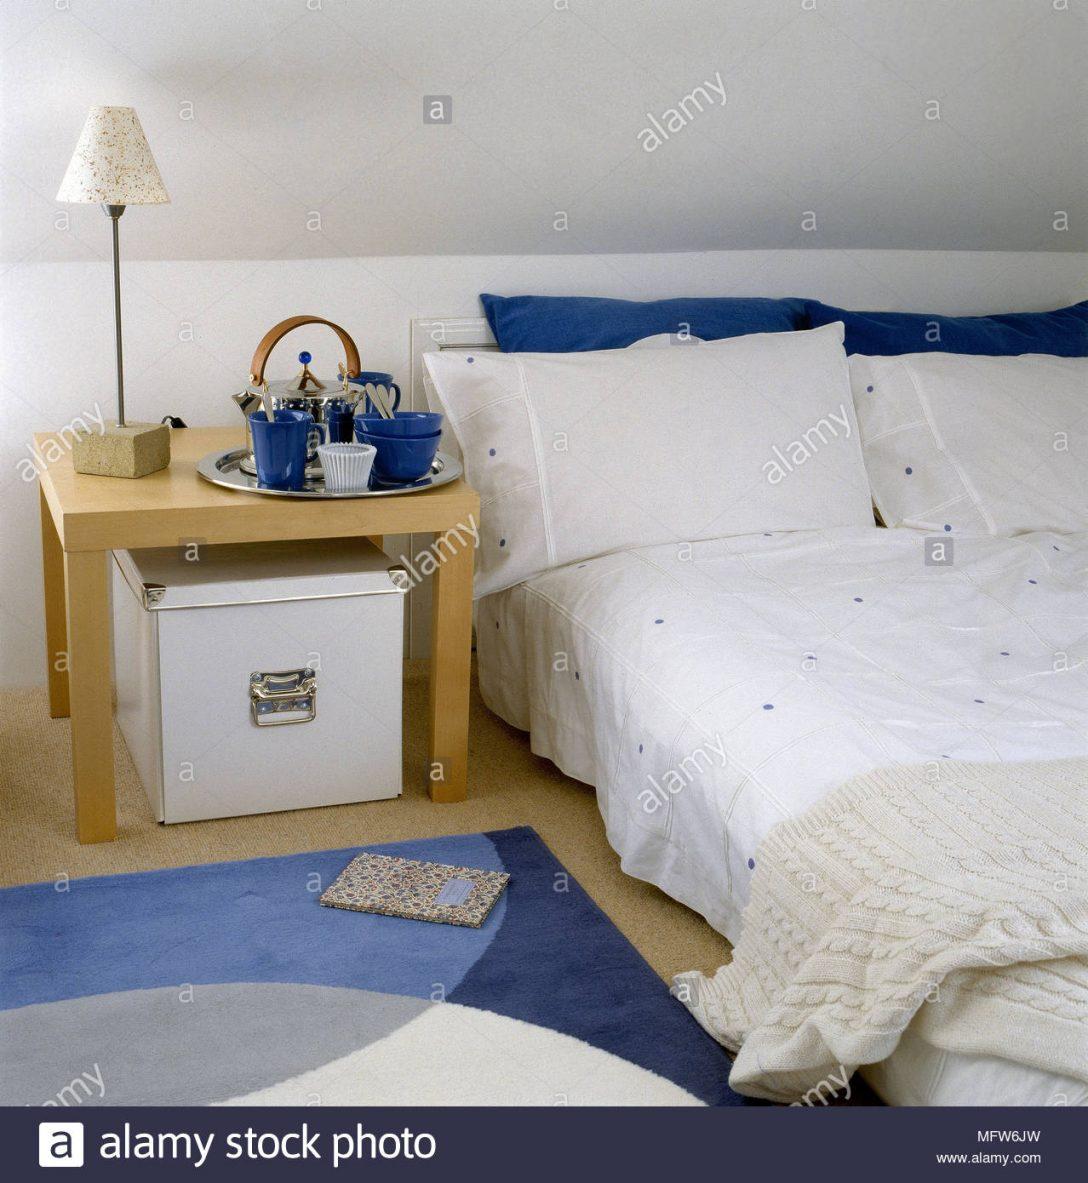 Large Size of Moderne Schlafzimmer Mit Dachschrge Niedrig Bett Holz Seite 140x200 Ohne Kopfteil Betten Weiß Stauraum 200x200 Rauch 100x200 Tatami Schubladen 180x200 Eiche Bett Bett Niedrig